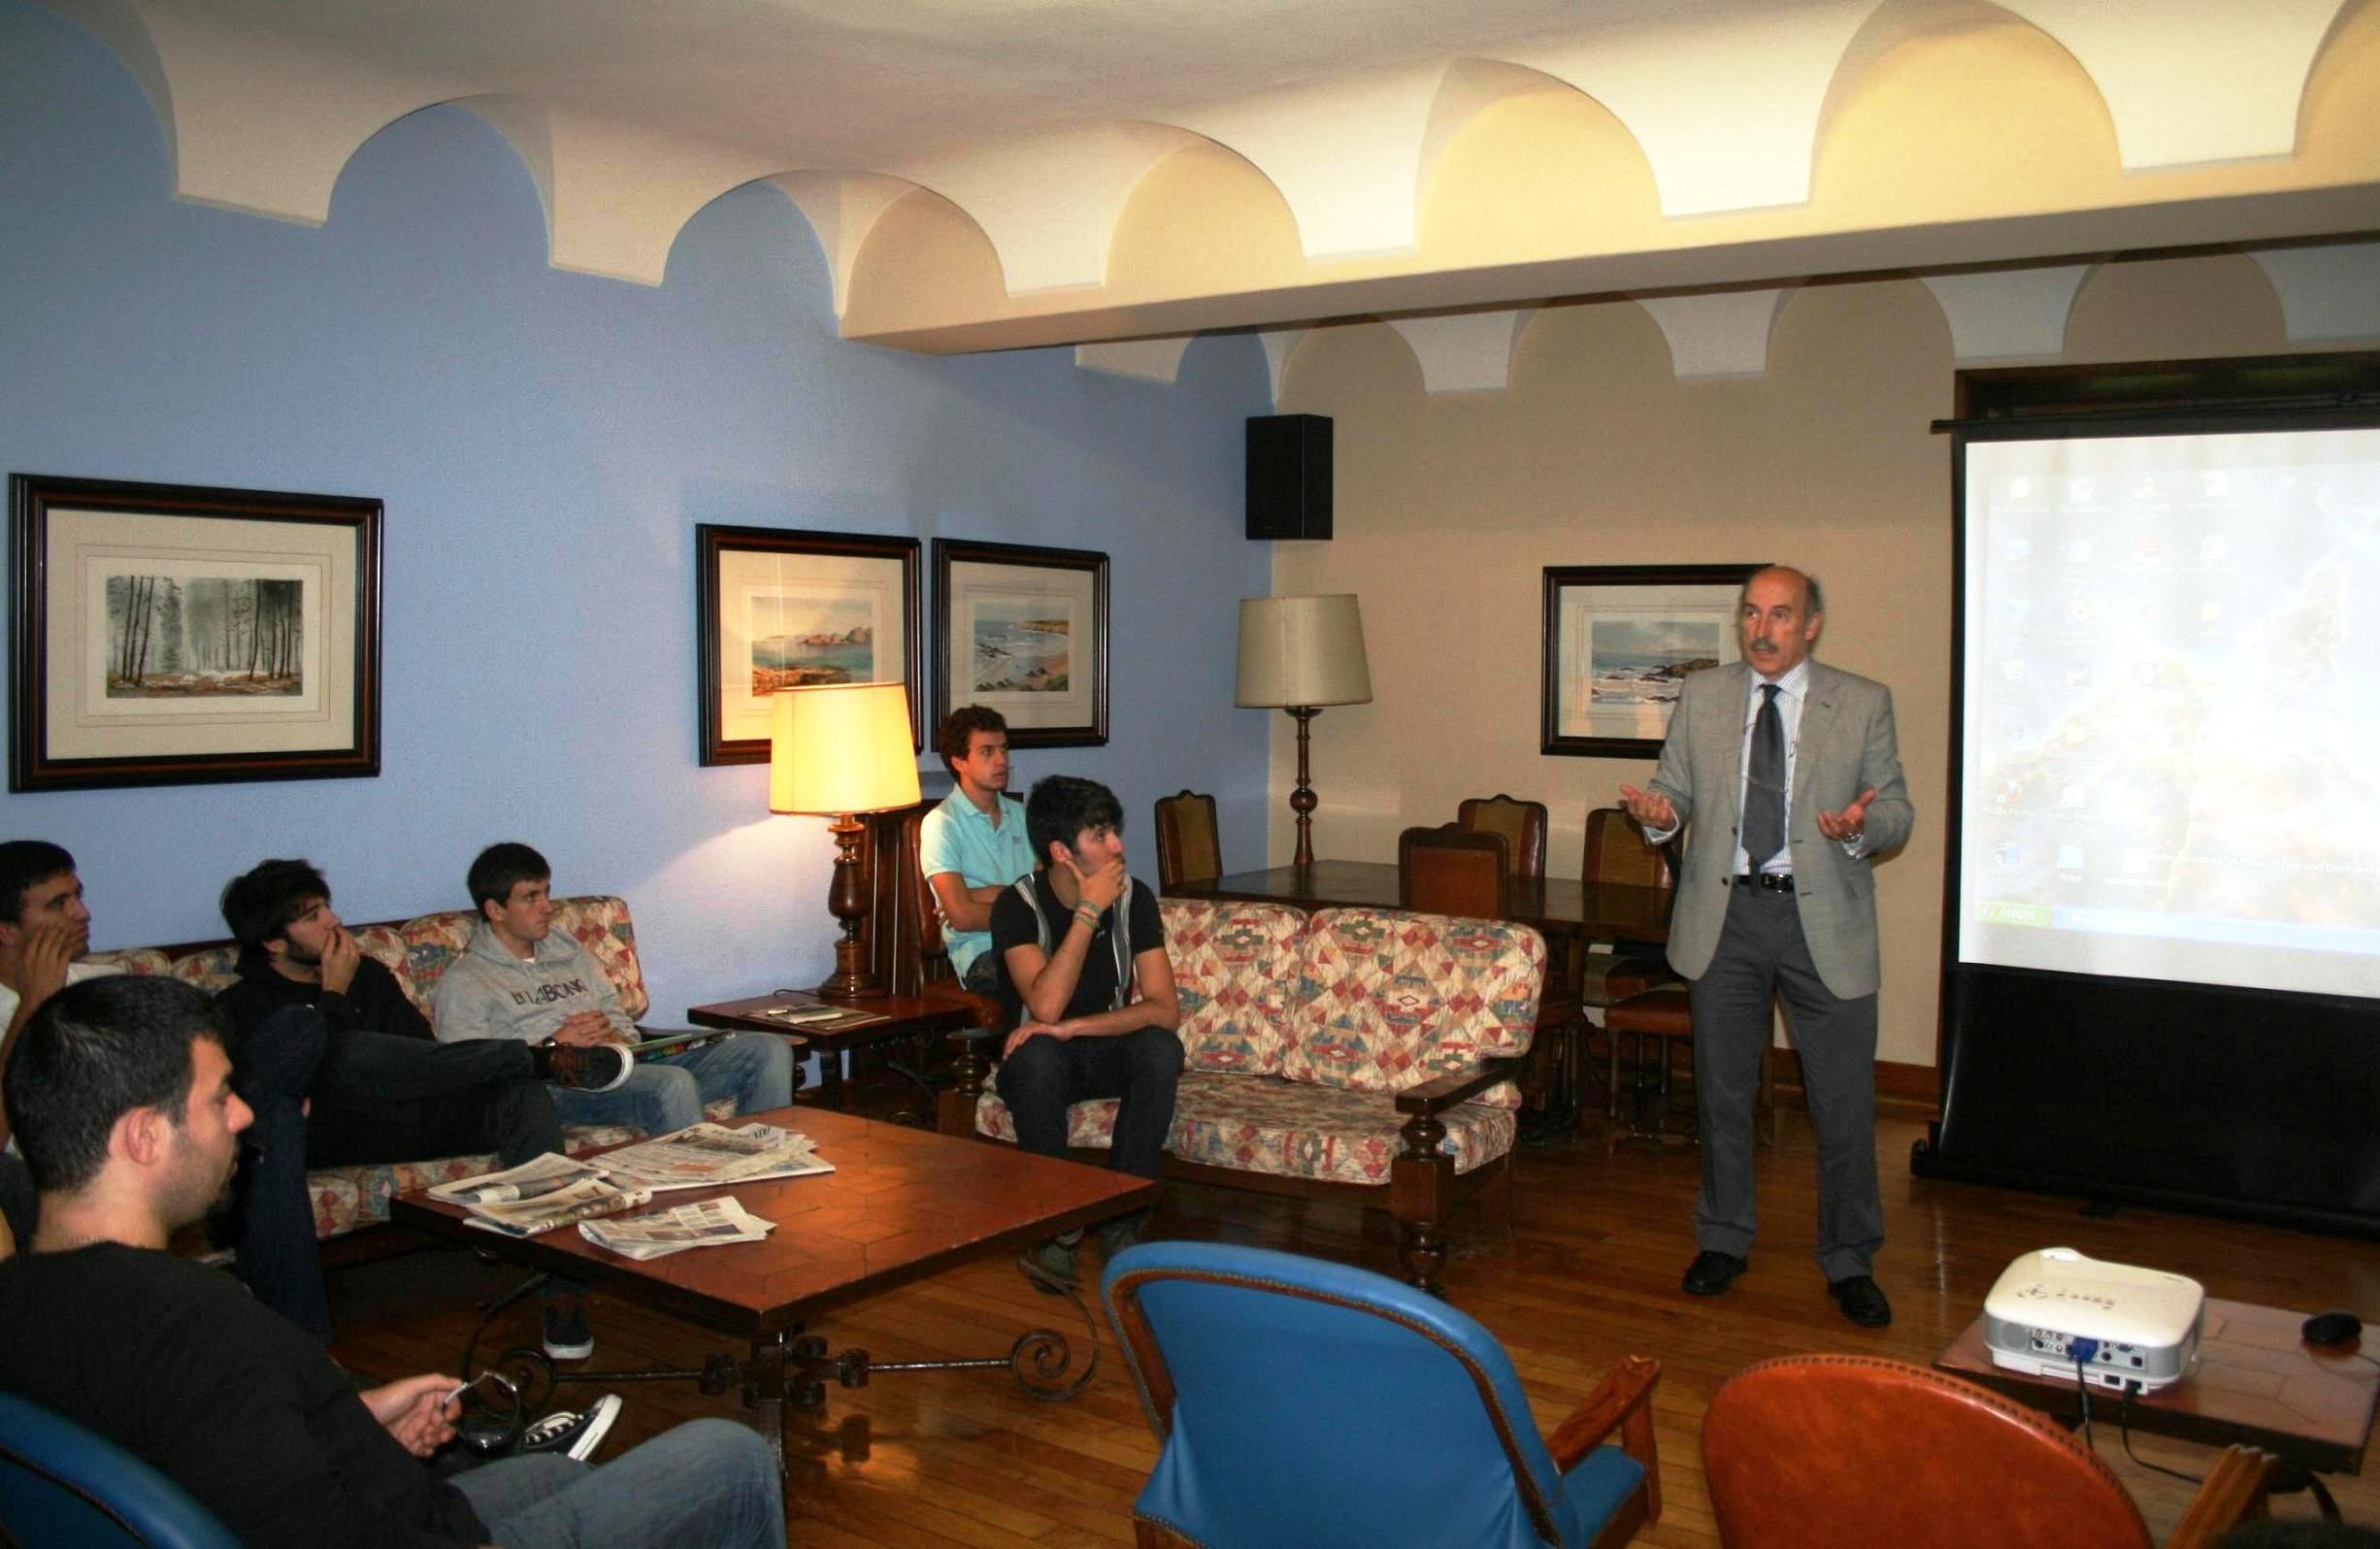 """José Ángel Docobo, Director del Observatorio Astronómico """"Ramón María Aller"""", participó en una tertulia con estudiantes universitarios en el Colegio Mayor La Estila"""